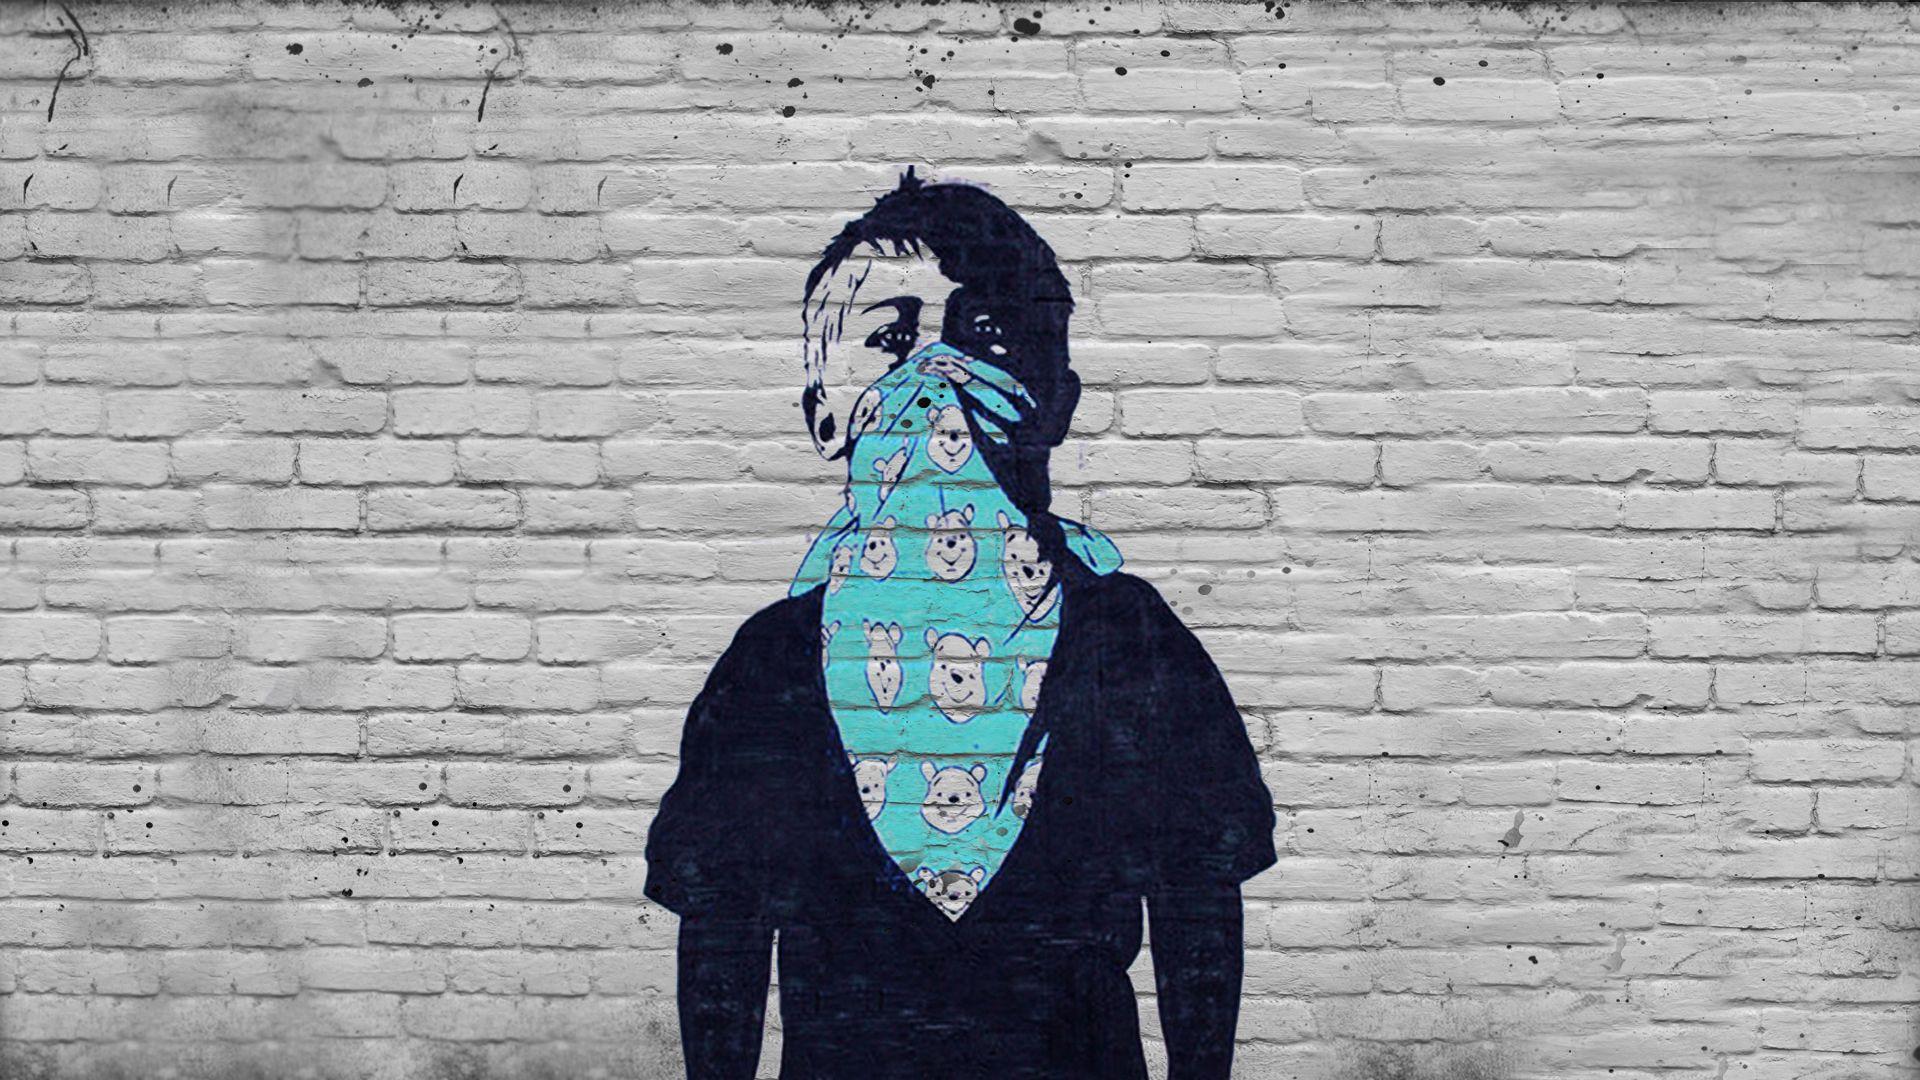 street-art-wallpaper | y in 2018 | street art, art, graffiti